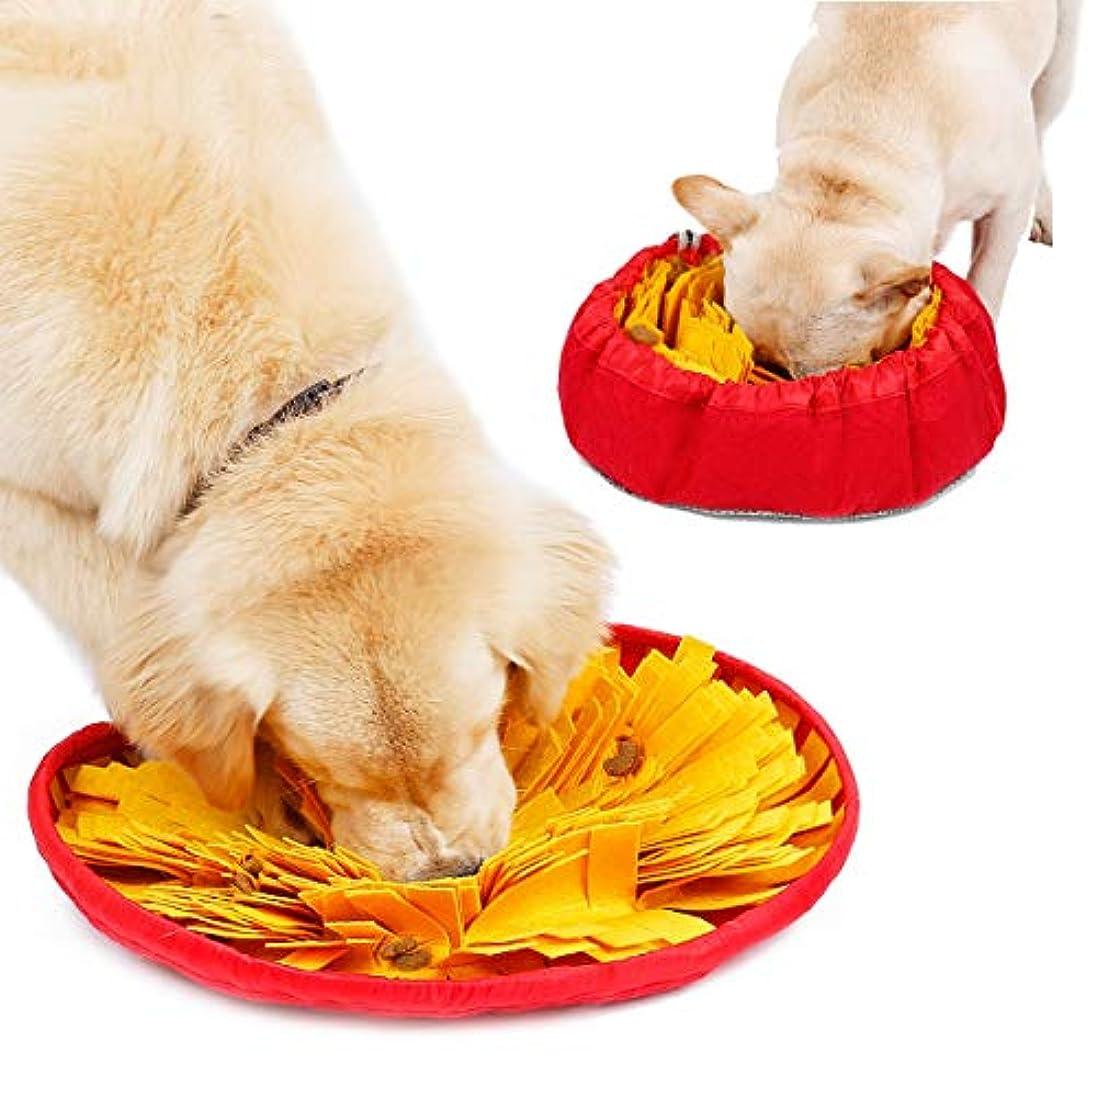 YMF Doglemi Dog Snuffle Bowl Matペット鼻づまり作業マットIQトレーニングスローイートボウル (色 : 黄)